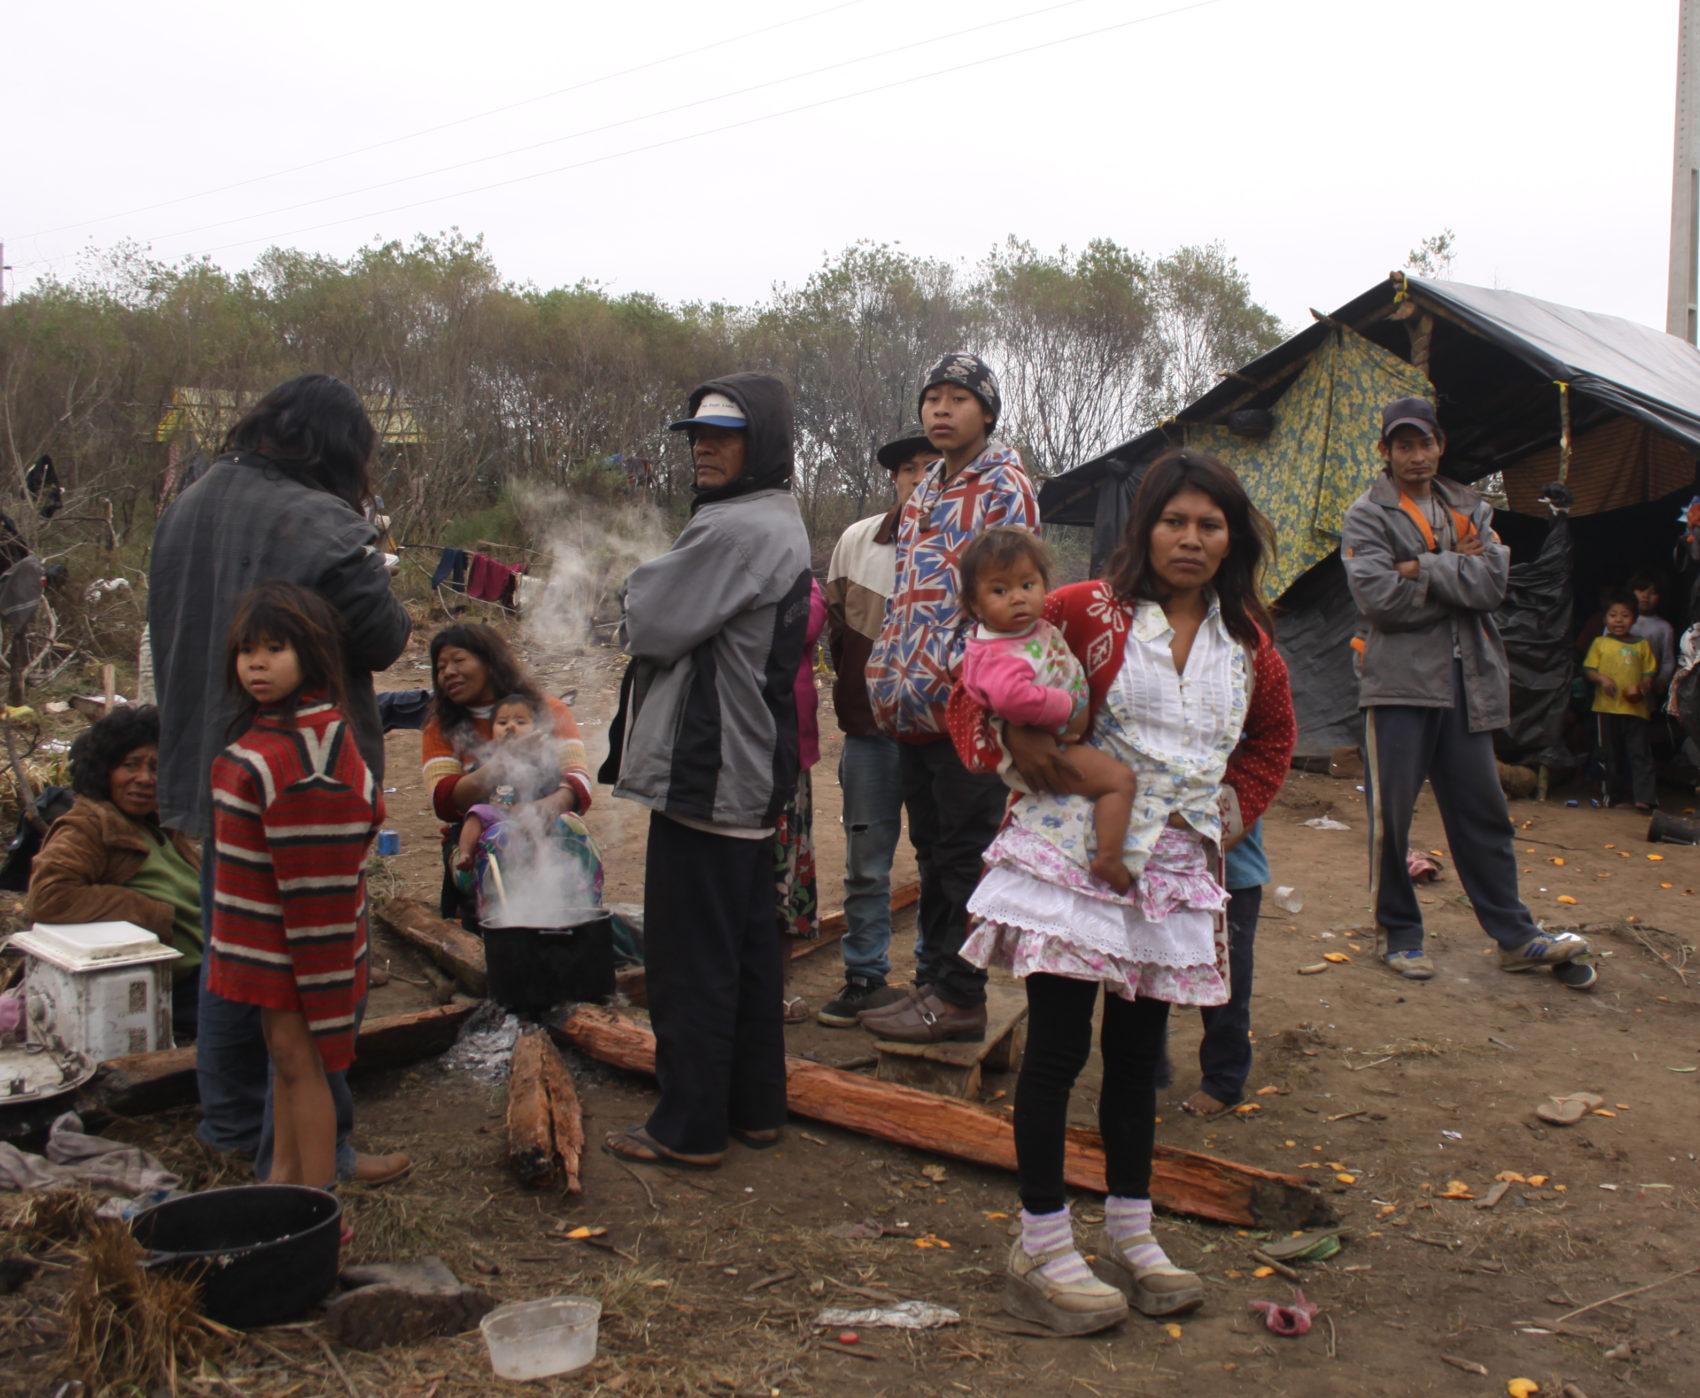 Comunidades indígenas no Rio Grande do Sul são alvo de discurso de ódio e ações violentas patrocinadas por parlamentares ruralistas e com a conivência do Ministério da Justiça